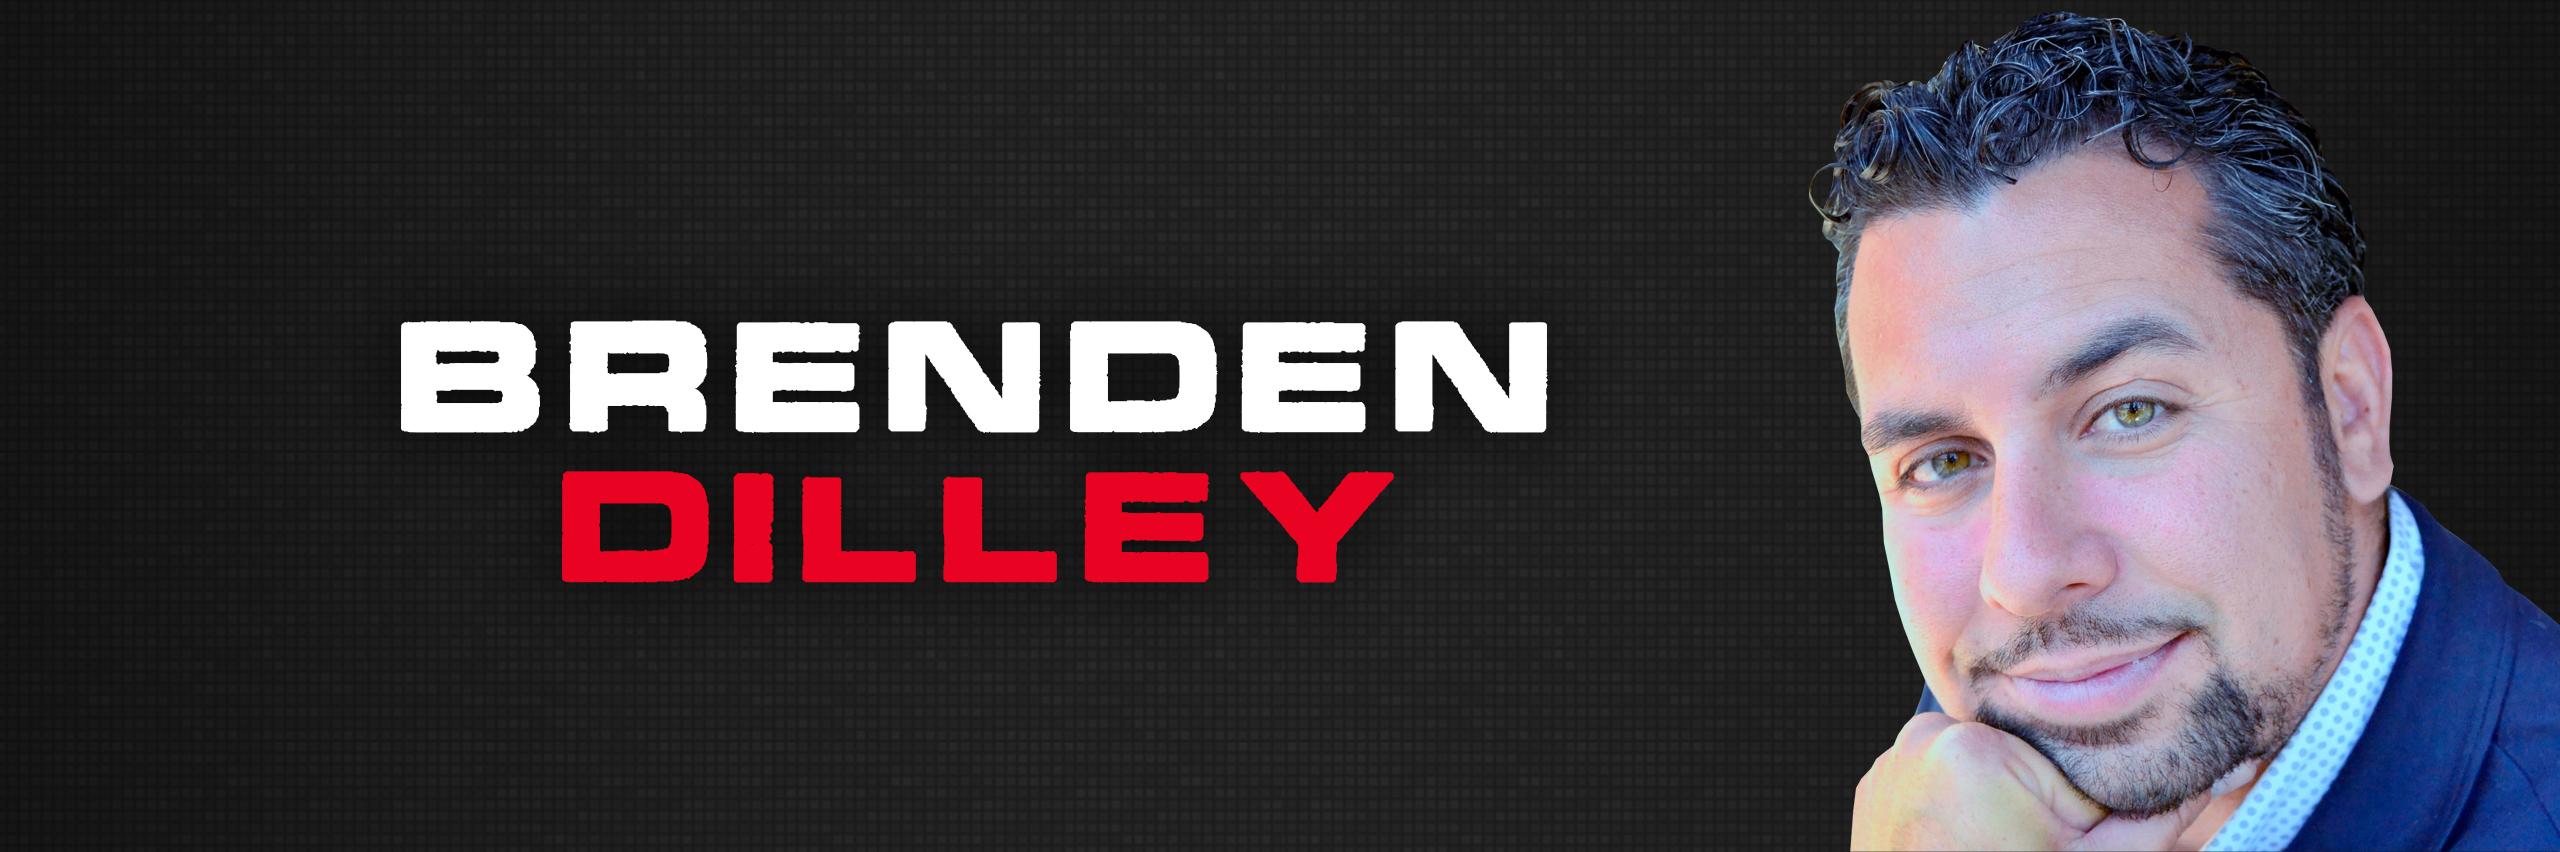 brenden_dilley_header2